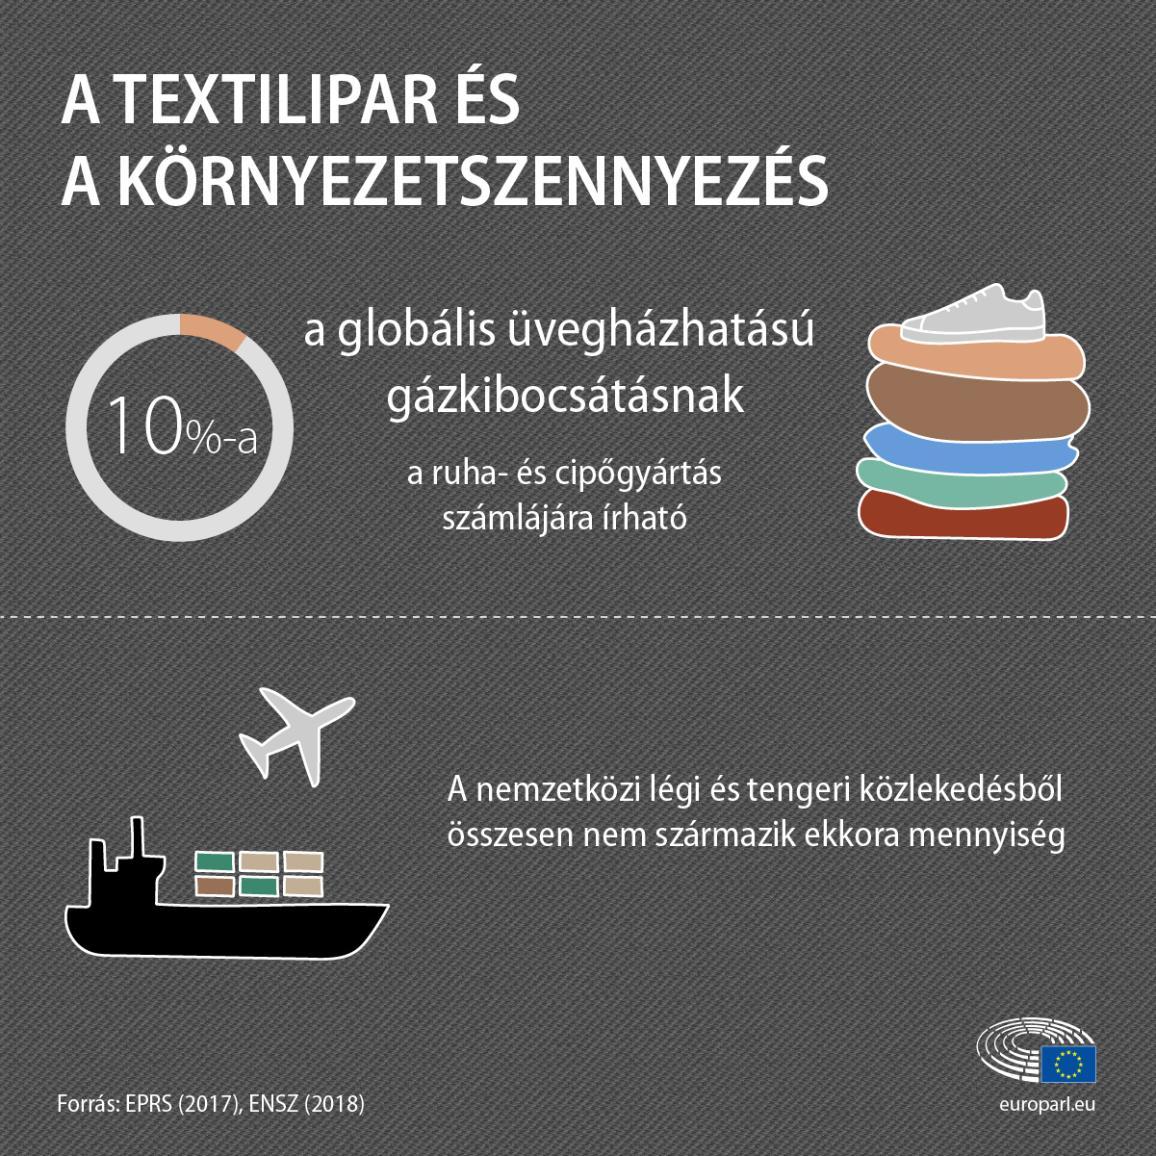 Infografika a textíliák környezeti hatását ismertető tényekkel és adatokkal